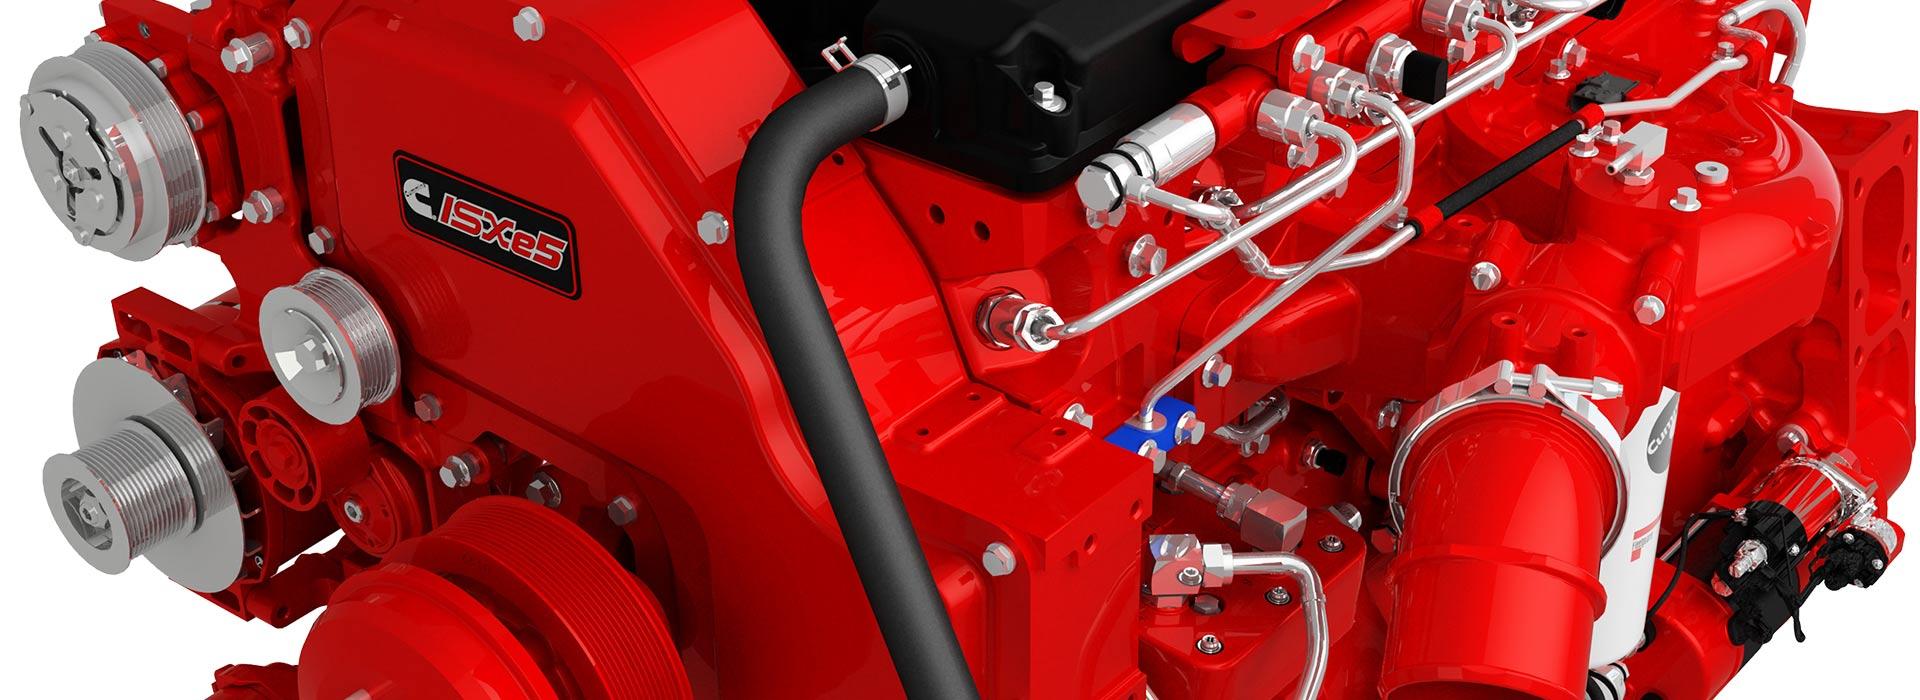 Cummins ISX Euro 5 Specs  Superior Engines - Western Star